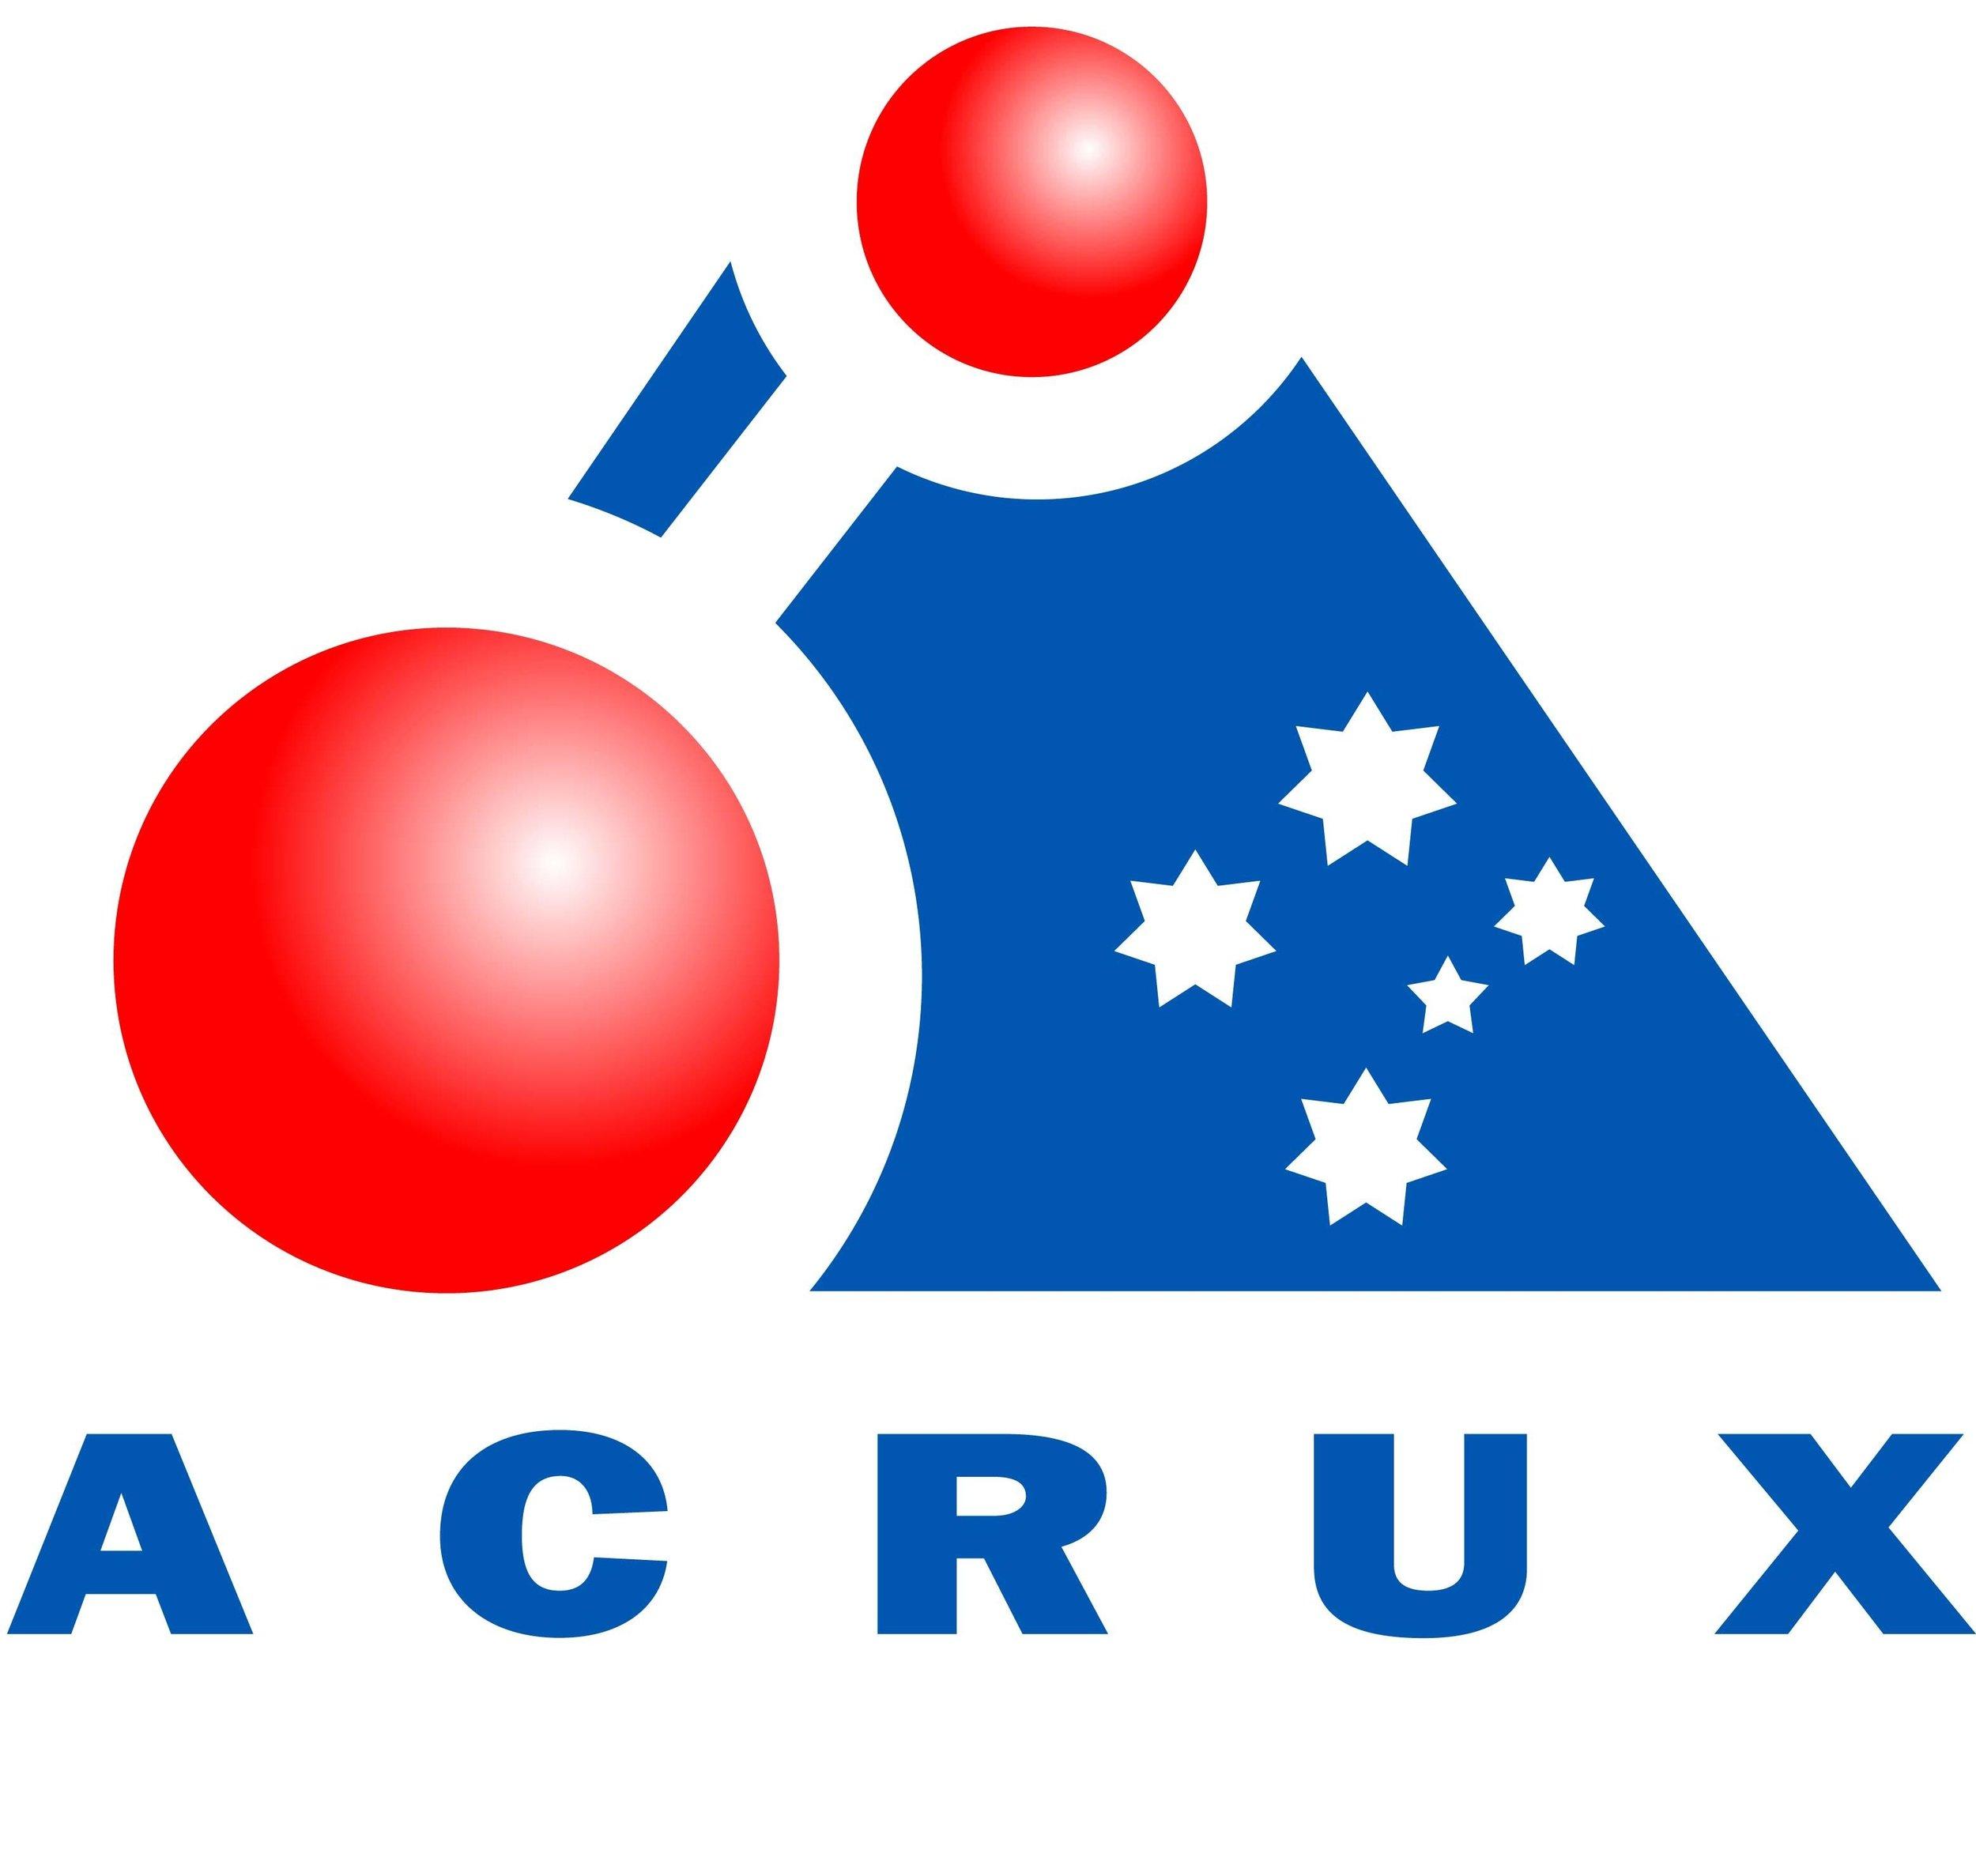 Acrux_logo_large[1].jpg